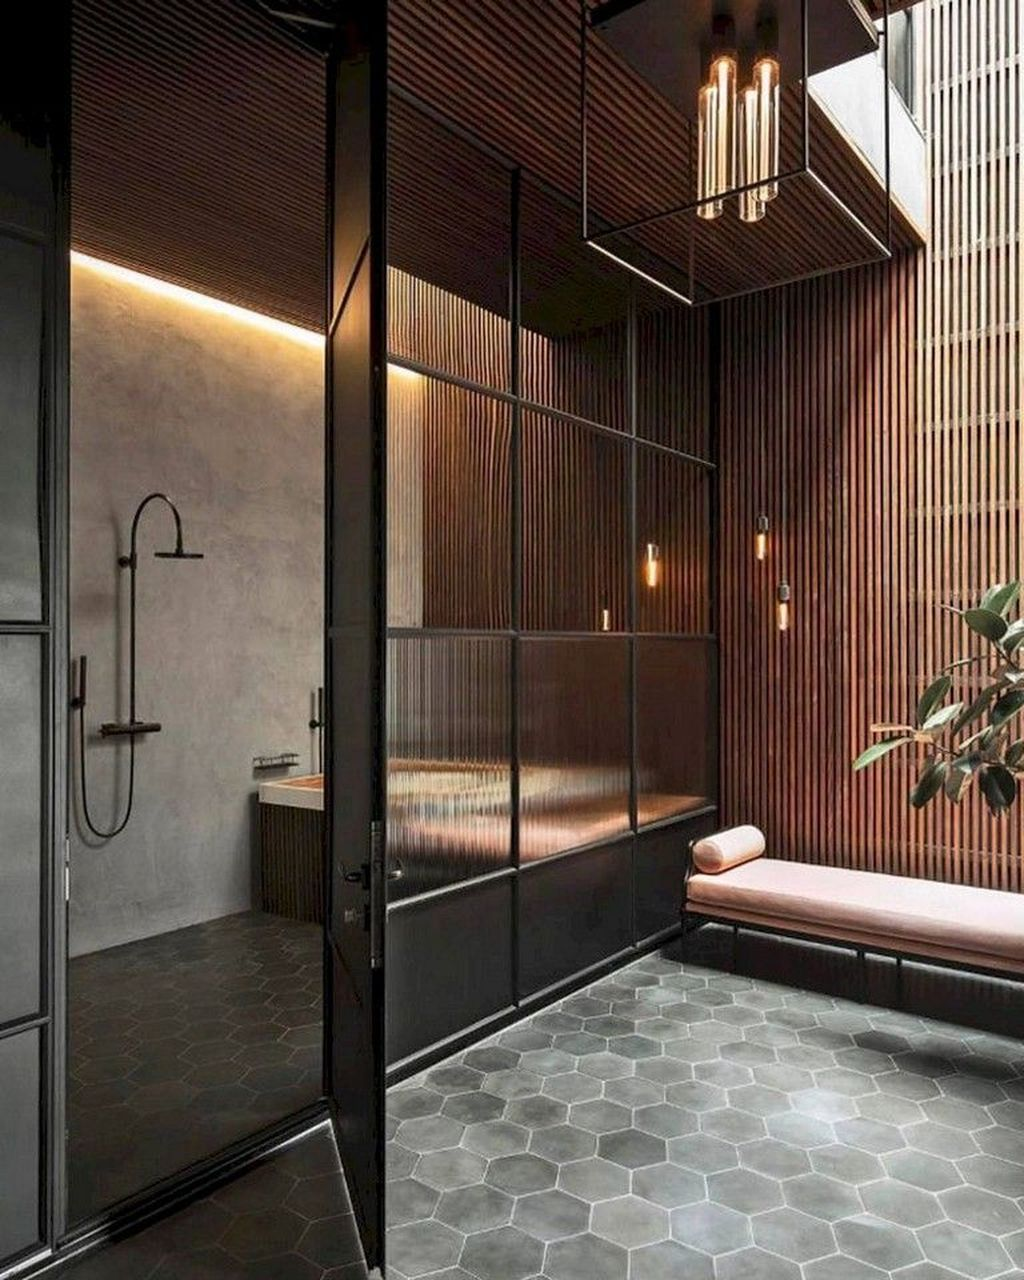 32 Stunning Industrial Bathroom Design Ideas Cuarto De Bano Moderno Casas De Ensueno Moderno Y Minimalista